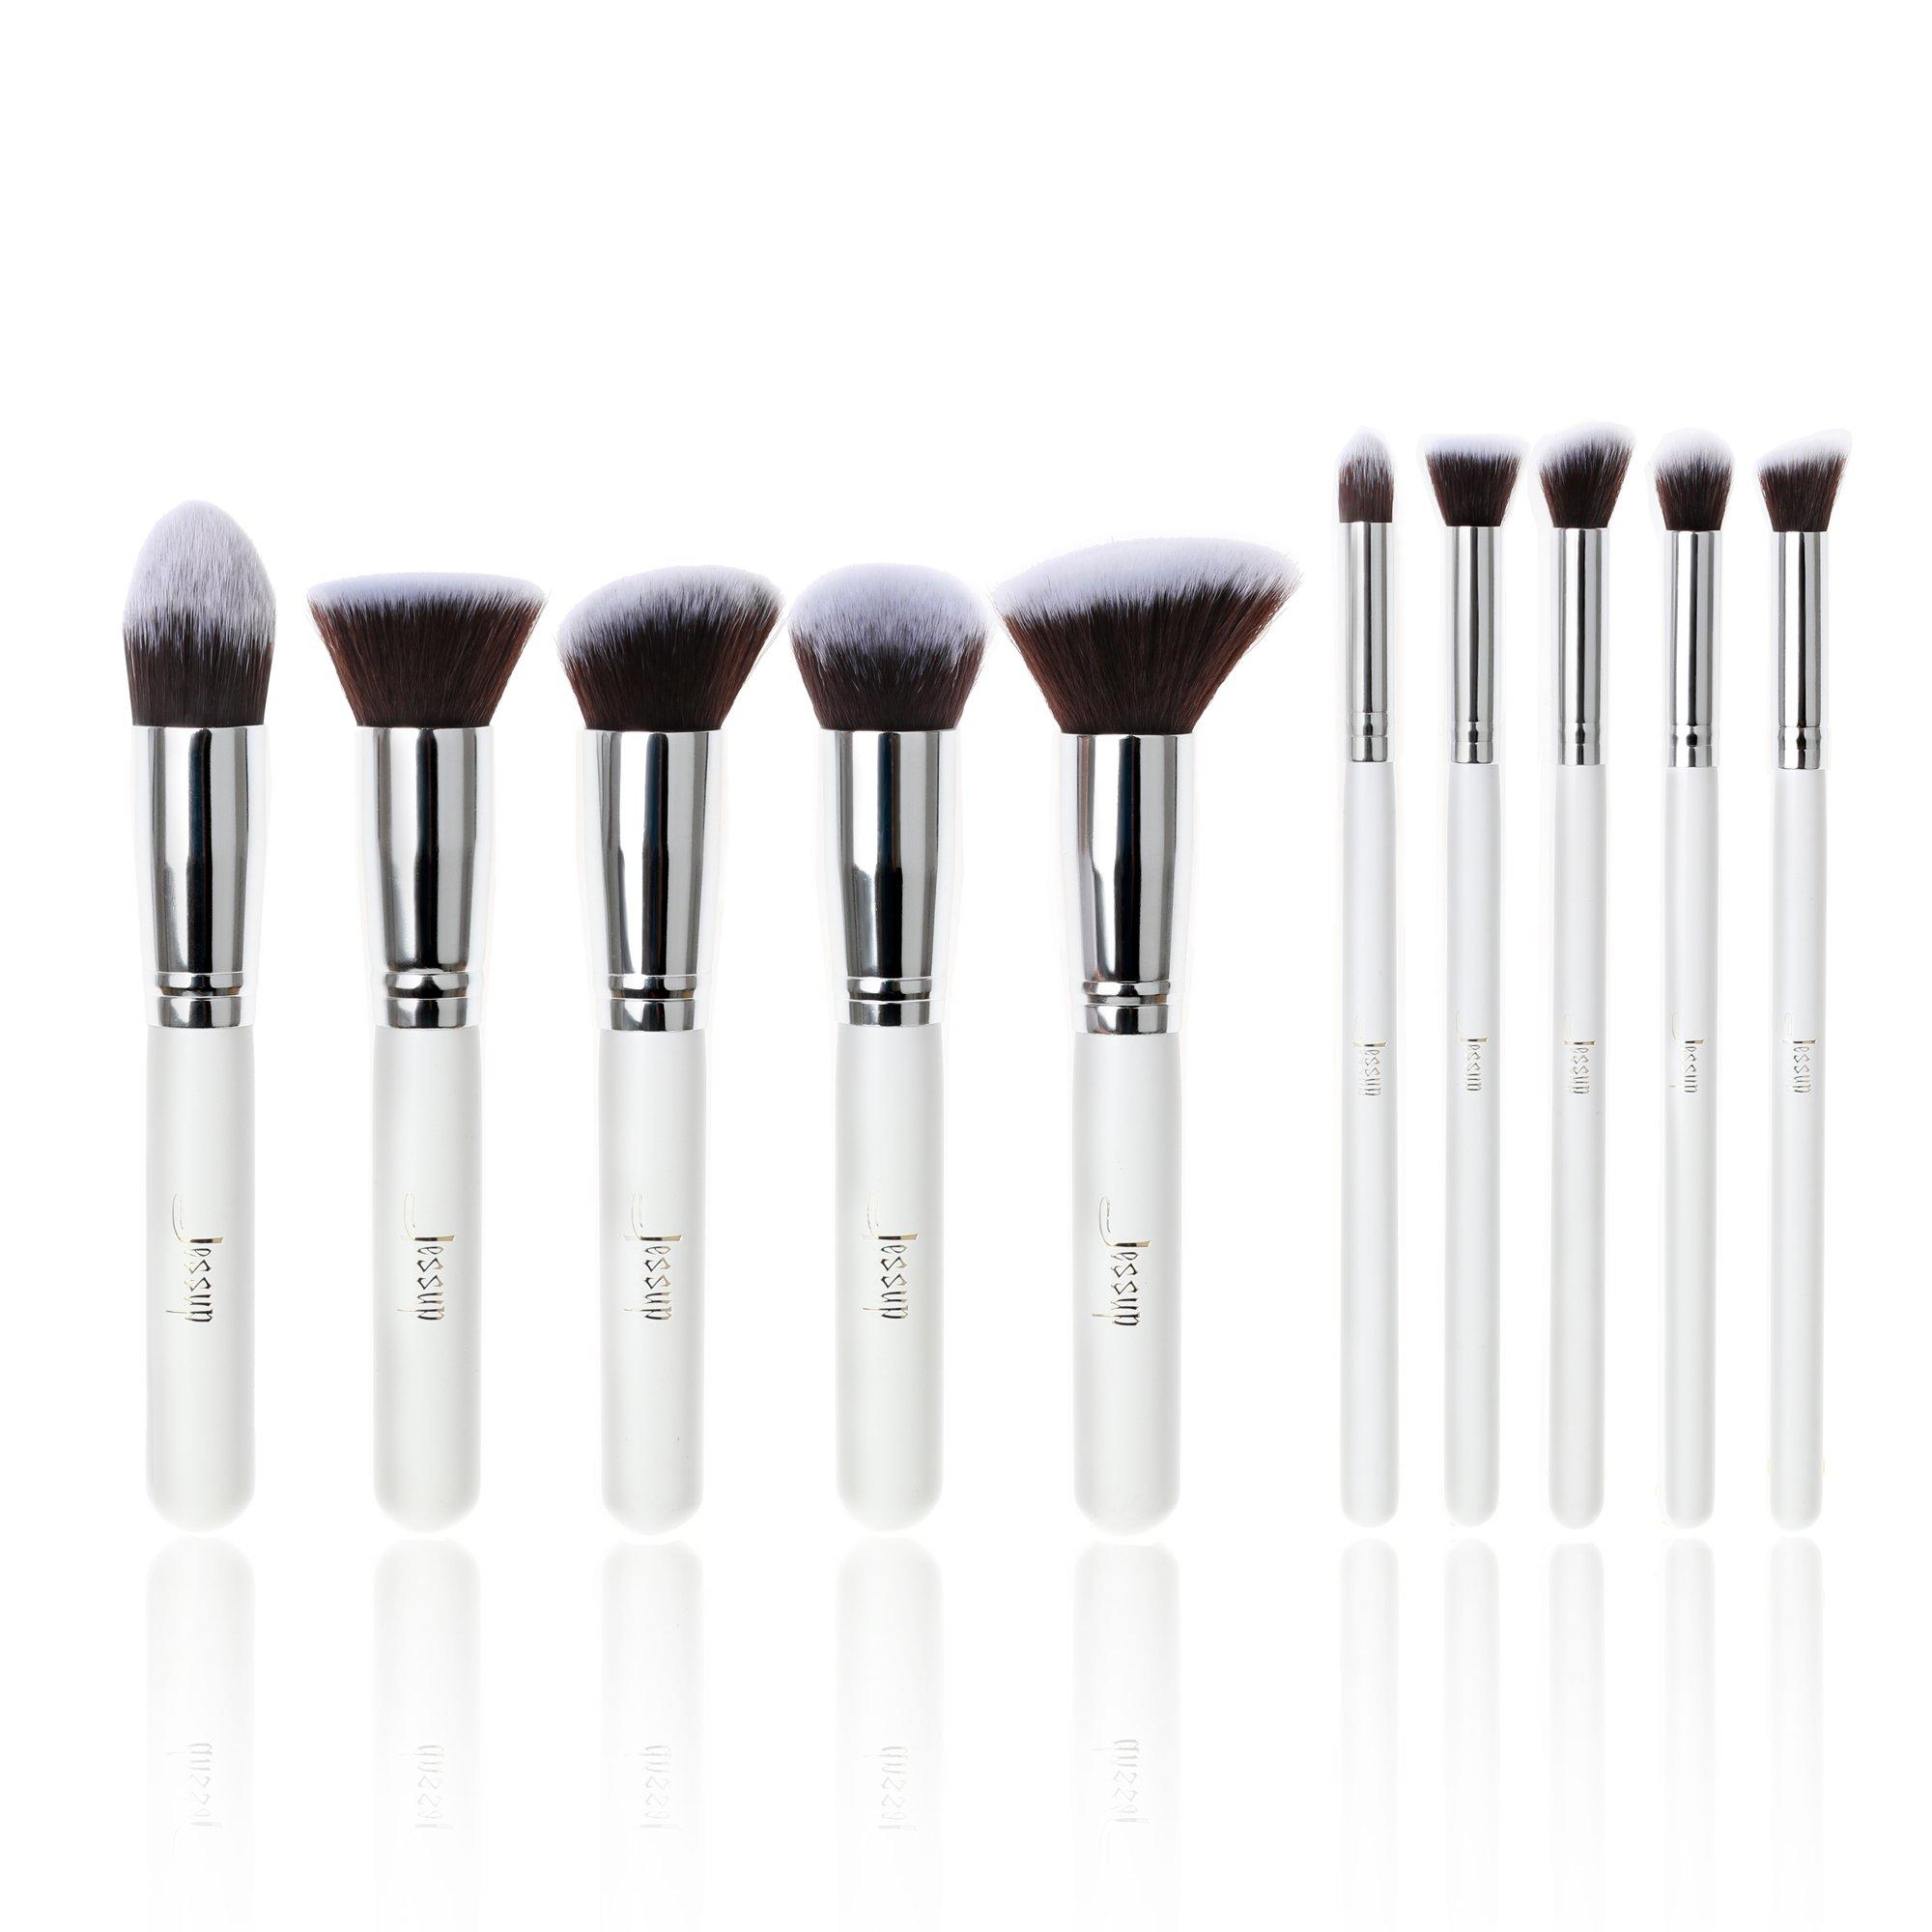 Jessup 10pcs color blanco/plata Kabuki Cosméticos Juego de brochas profesional fundación Herramientas de Belleza Maquillaje de Ojos de potencia T075